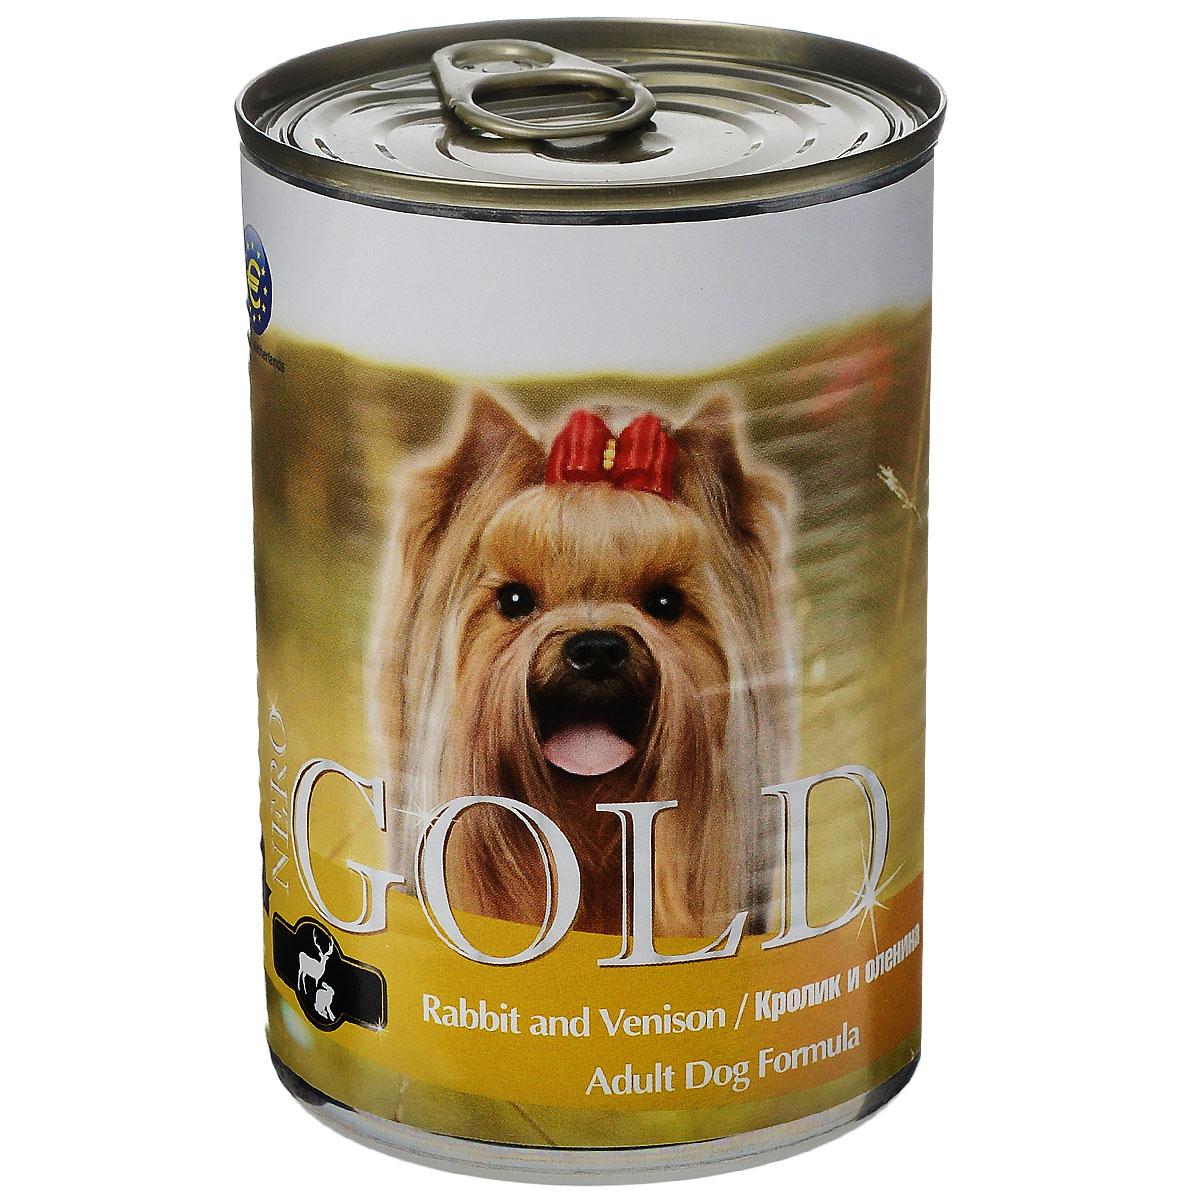 Консервы для собак Nero Gold, с кроликом и олениной, 410 г10320Консервы для собак Nero Gold - полнорационный продукт, содержащий все необходимые витамины и минералы, сбалансированный для поддержания оптимального здоровья вашего питомца! Состав: мясо и его производные, филе курицы, филе кролика, оленина, злаки, витамины и минералы. Гарантированный анализ: белки 6,5%, жиры 4,5%, клетчатка 0,5%, зола 2%, влага 81%. Пищевые добавки на 1 кг продукта: витамин А 1600 МЕ, витамин D 140 МЕ, витамин Е 10 МЕ, железо 24 мг, марганец 6 мг, цинк 15 мг, медь 1 мг, магний 200 мг, йод 0,3 мг, селен 0,2 мг.Вес: 410 г. Товар сертифицирован.